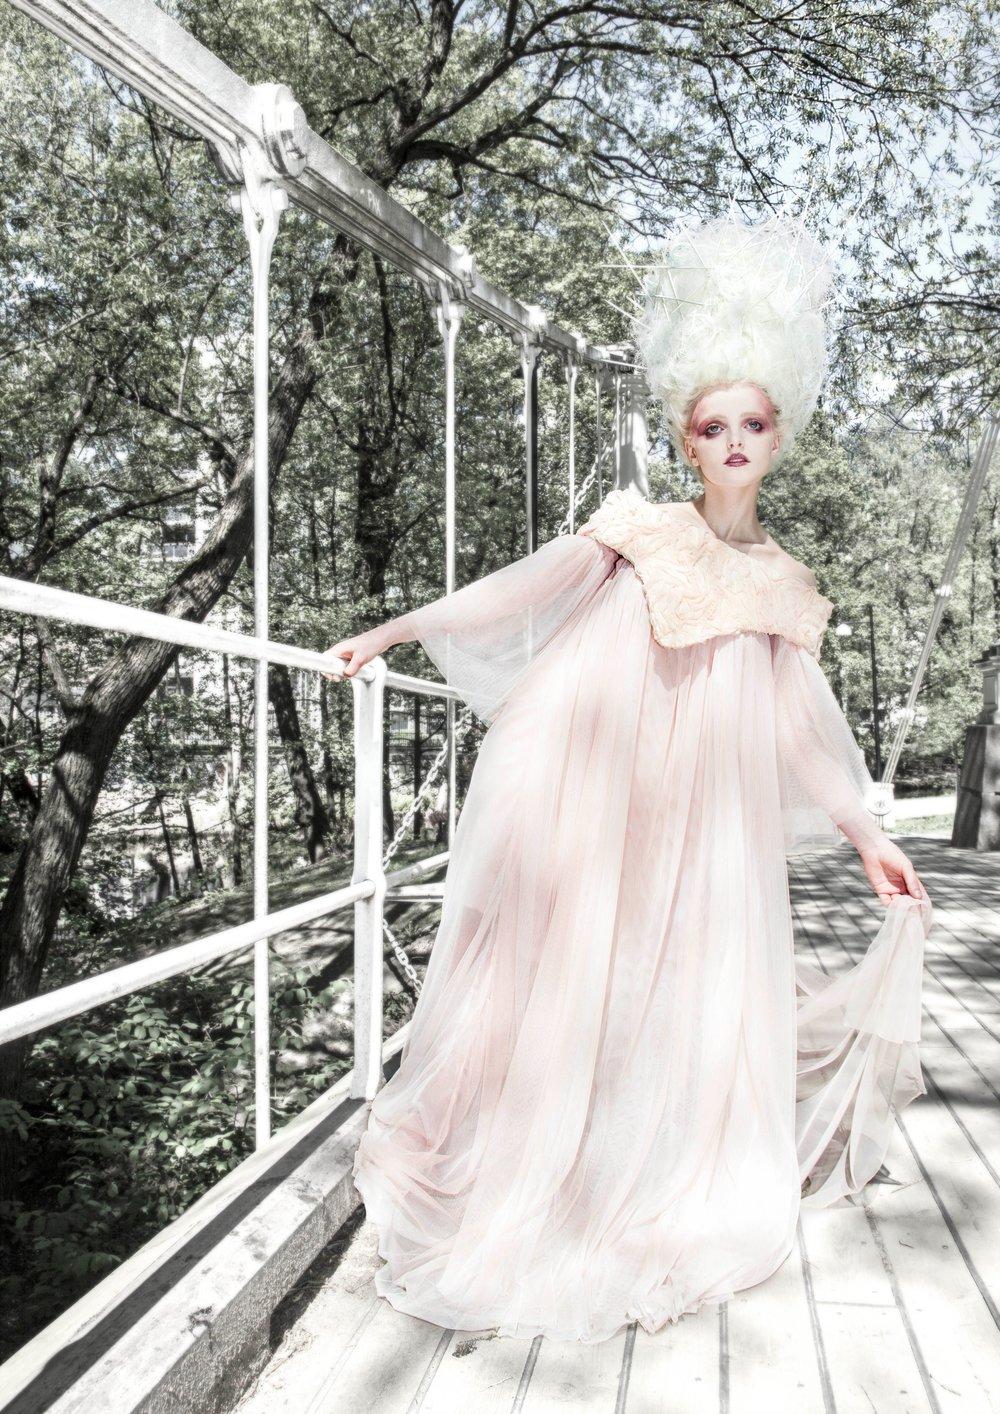 Model: Isabel Sande / Hair & makeup: Kristina Tønnessen and Tova Marlen Raum / Photo: Christer Bell